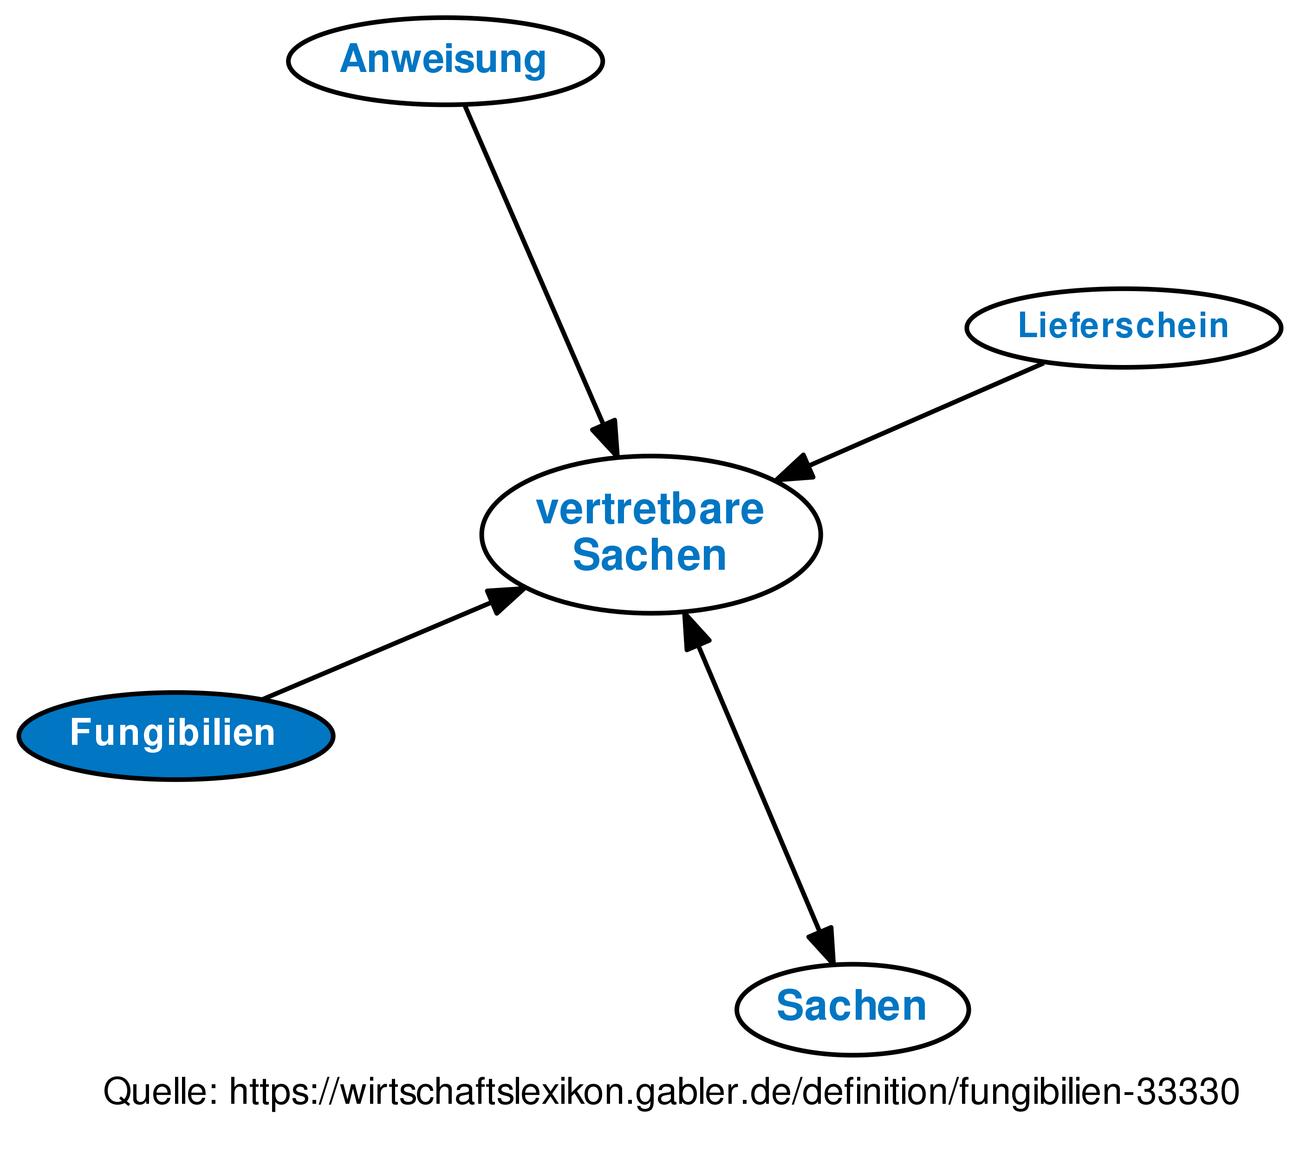 ᐅ Fungibilien • Definition im Gabler Wirtschaftslexikon